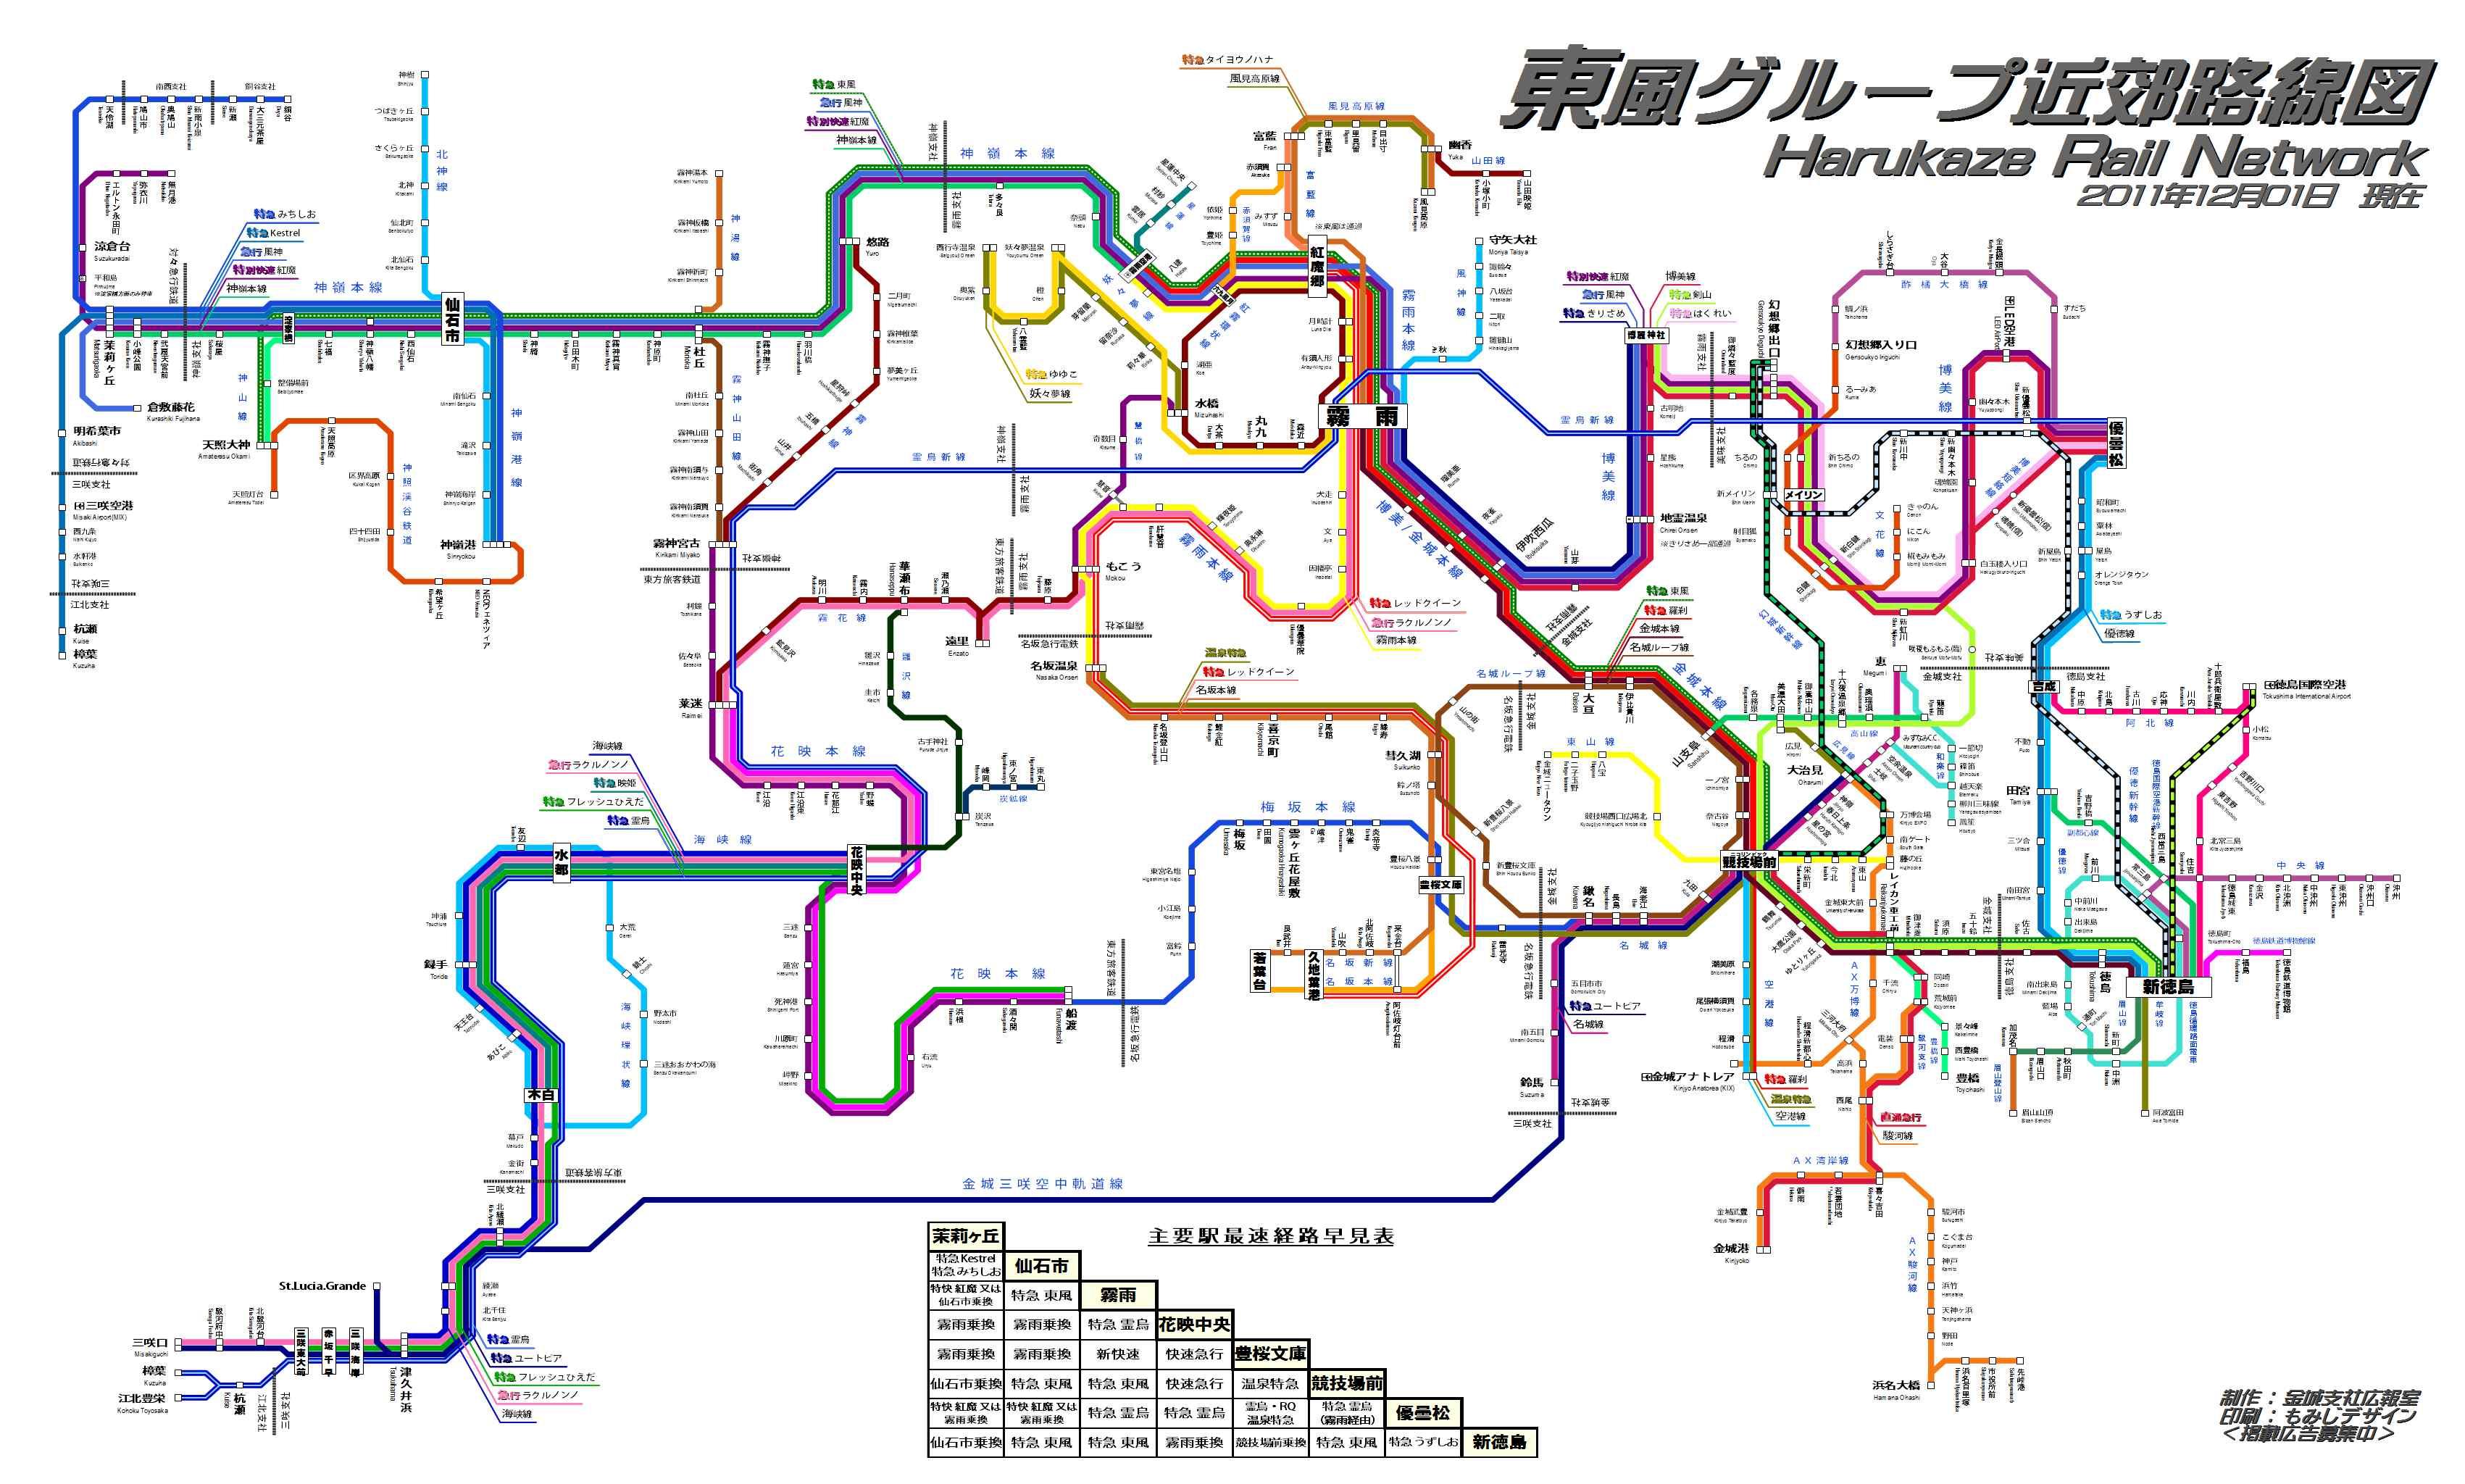 東風地区路線図20111130.jpg